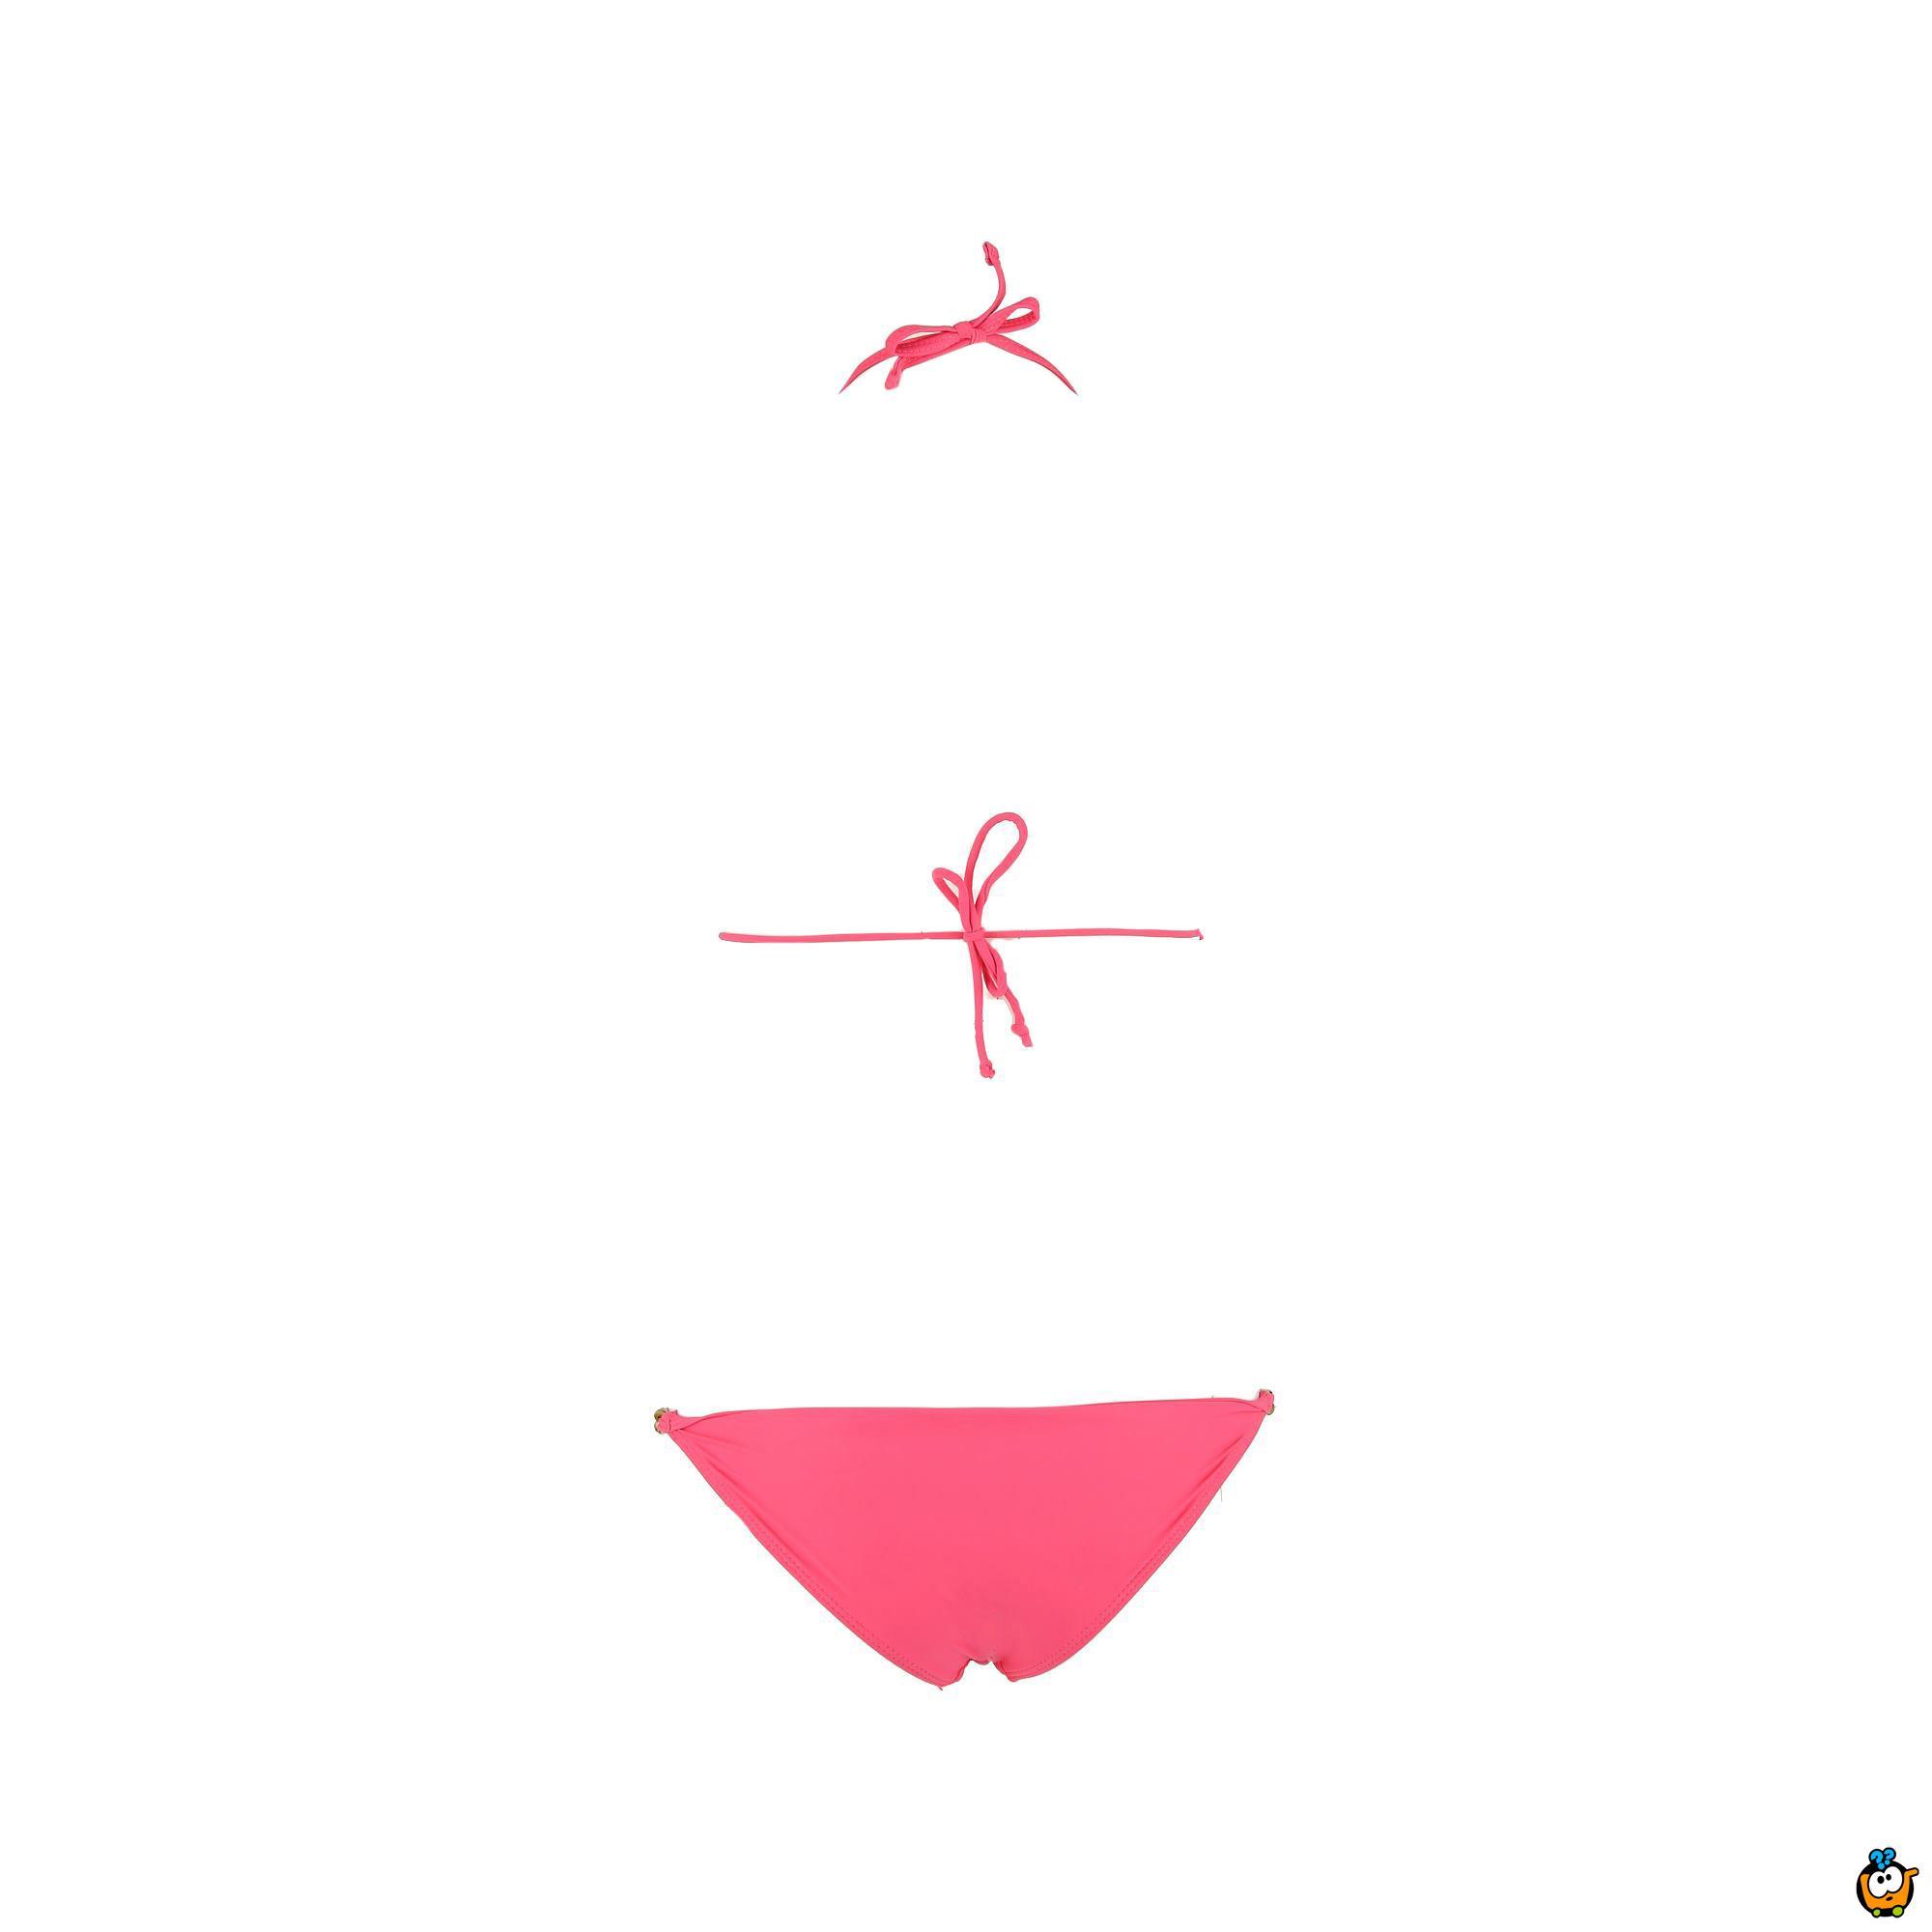 Dvodelni ženski kupaći kostim - 1MILLION PINK